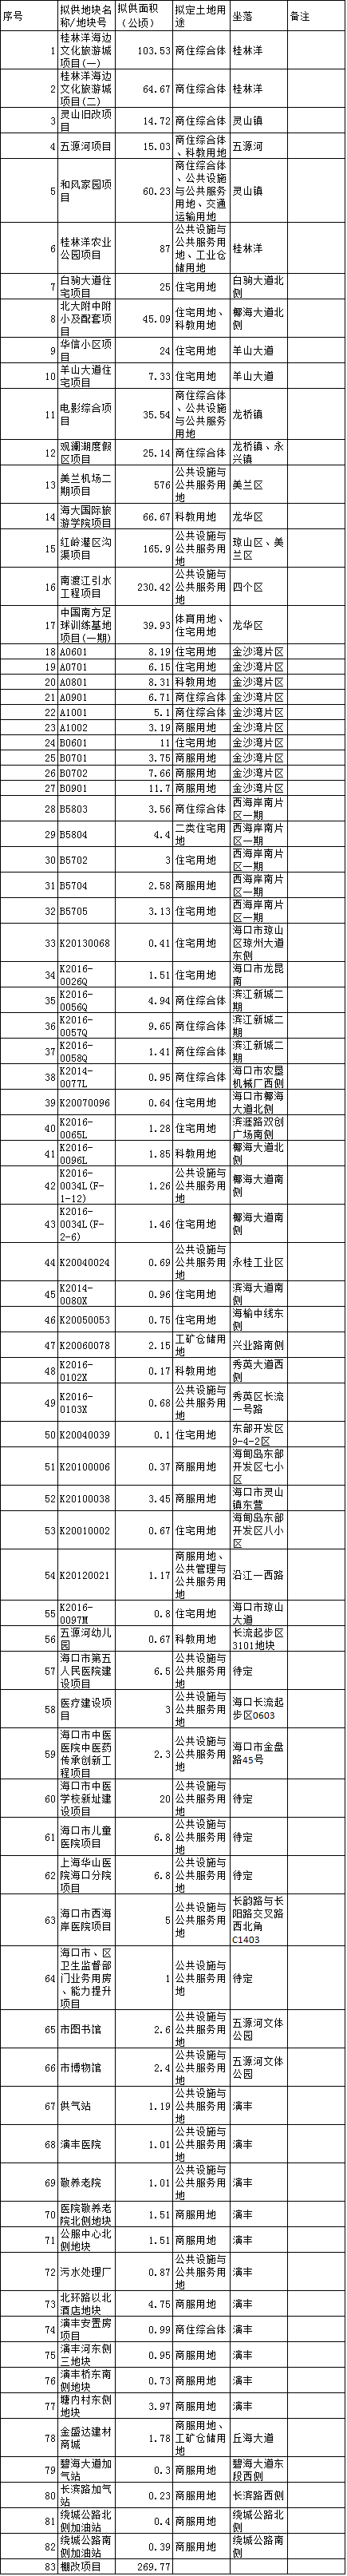 2017年部分拟供应土地情况表